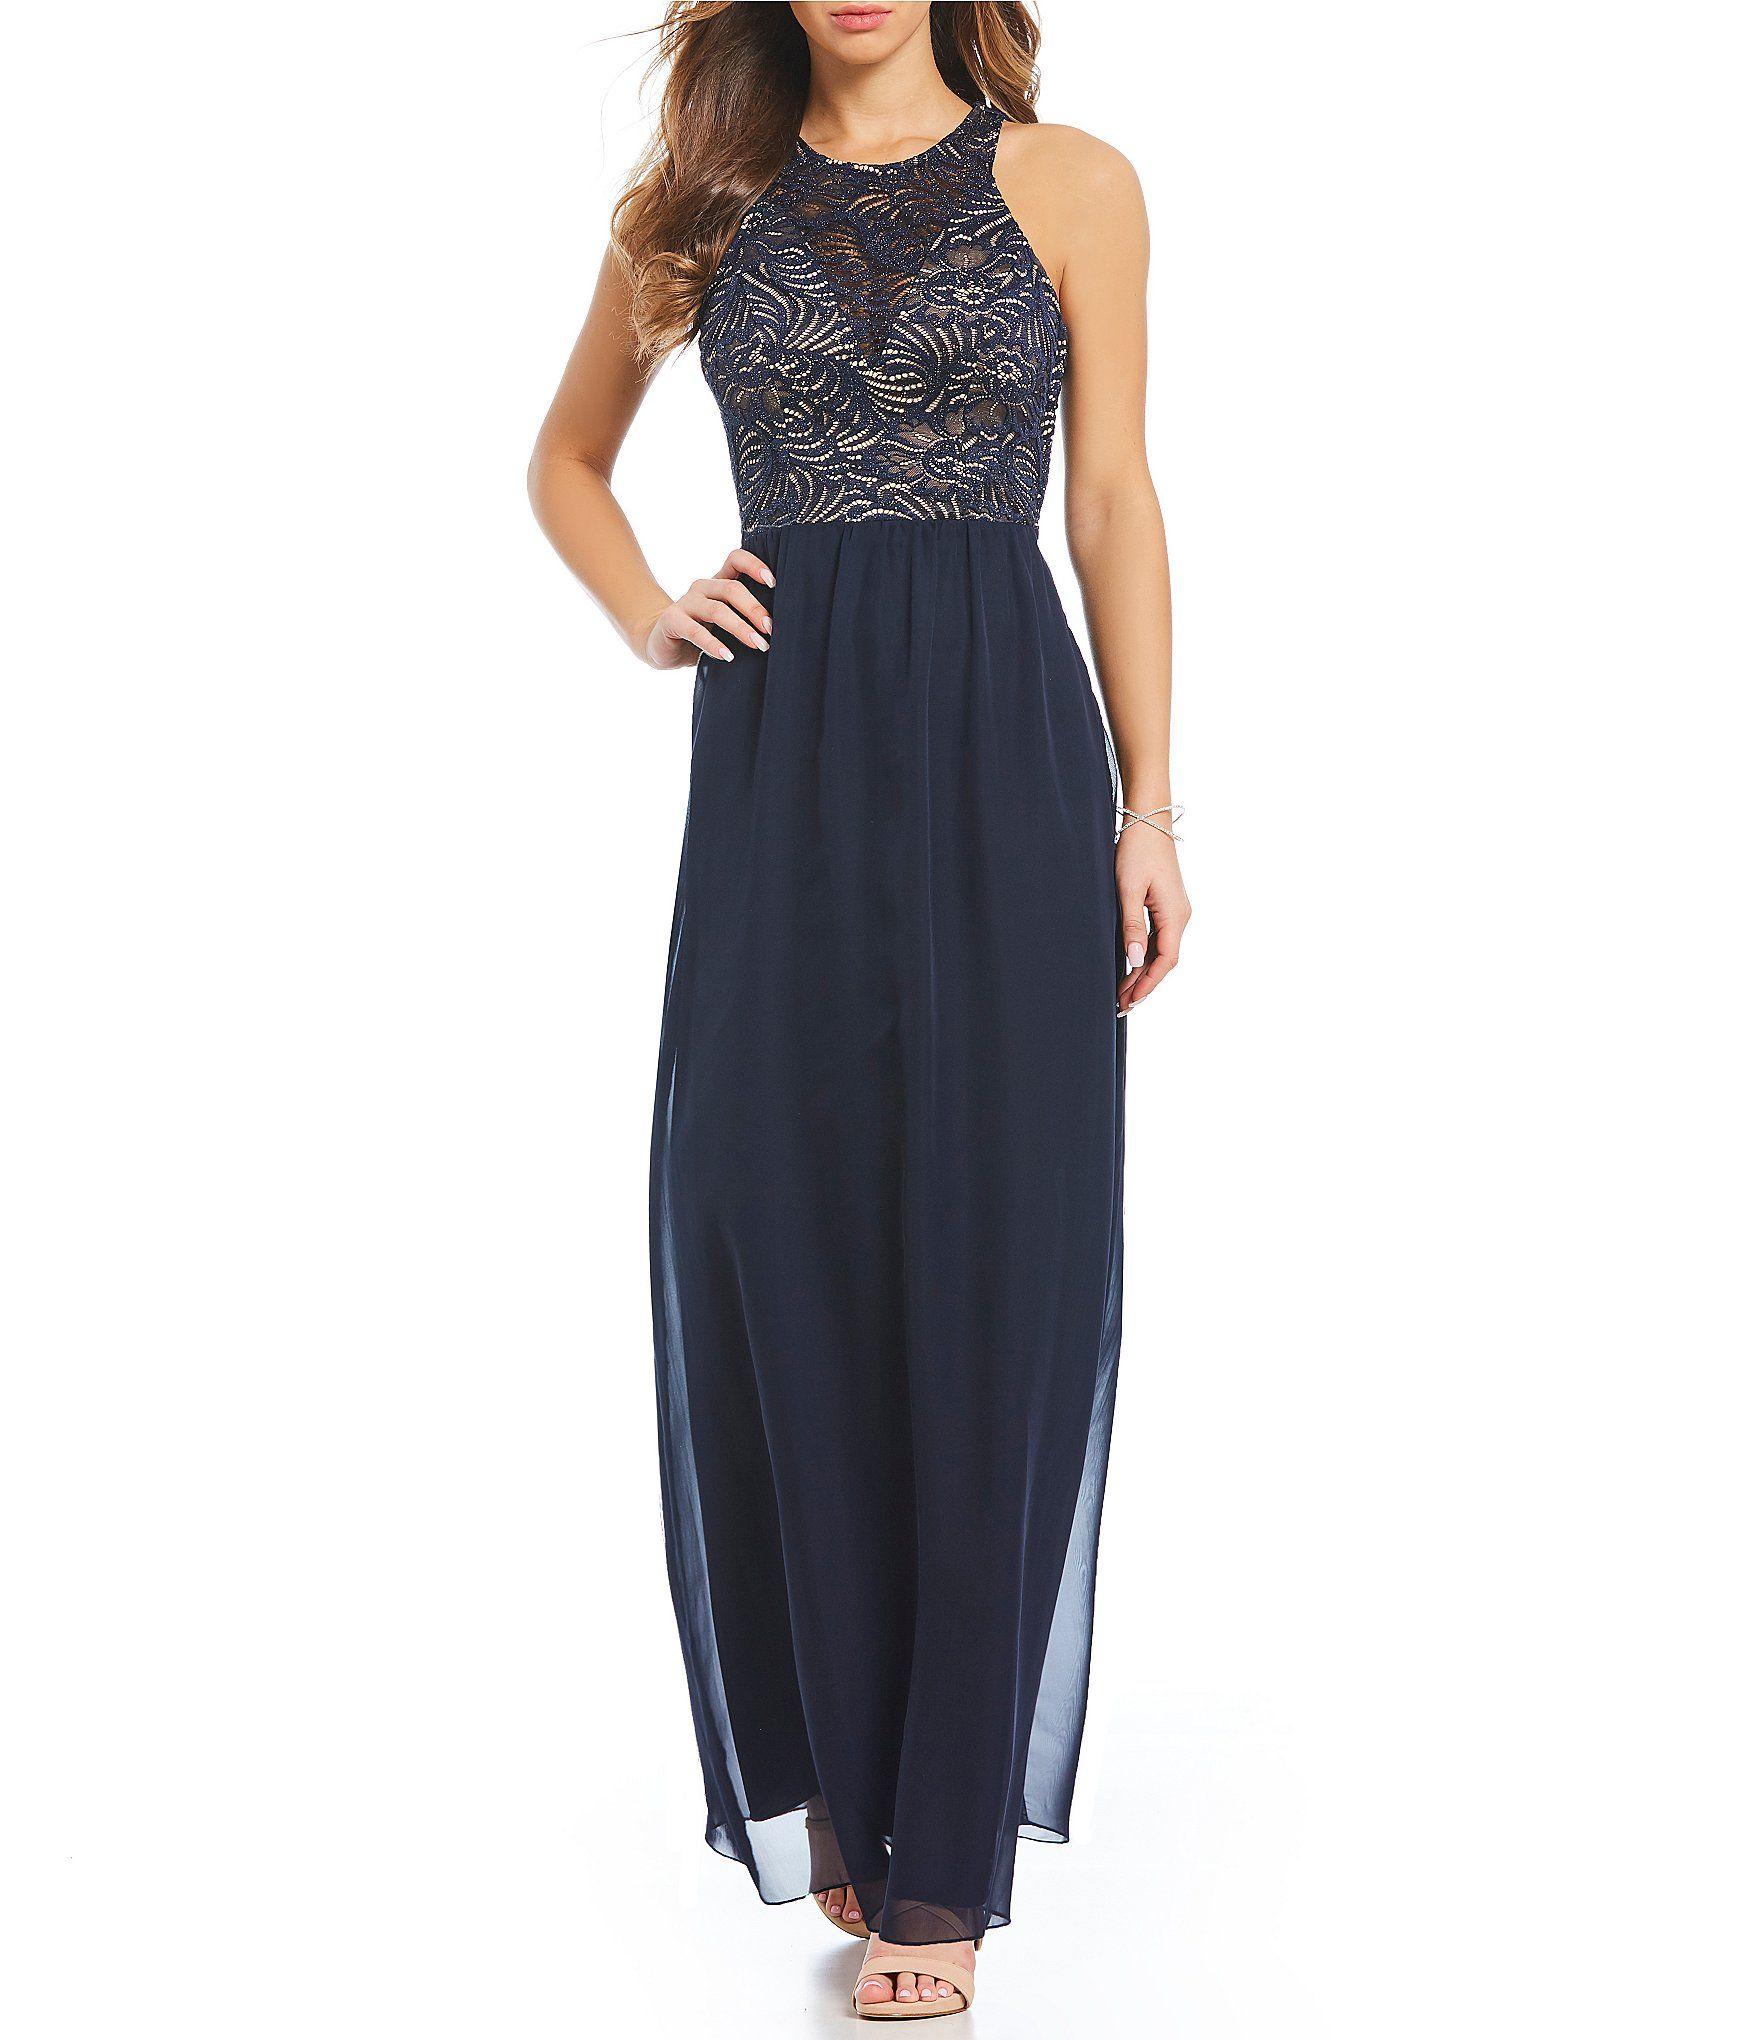 Plus Size Semi Formal Dresses Dillards